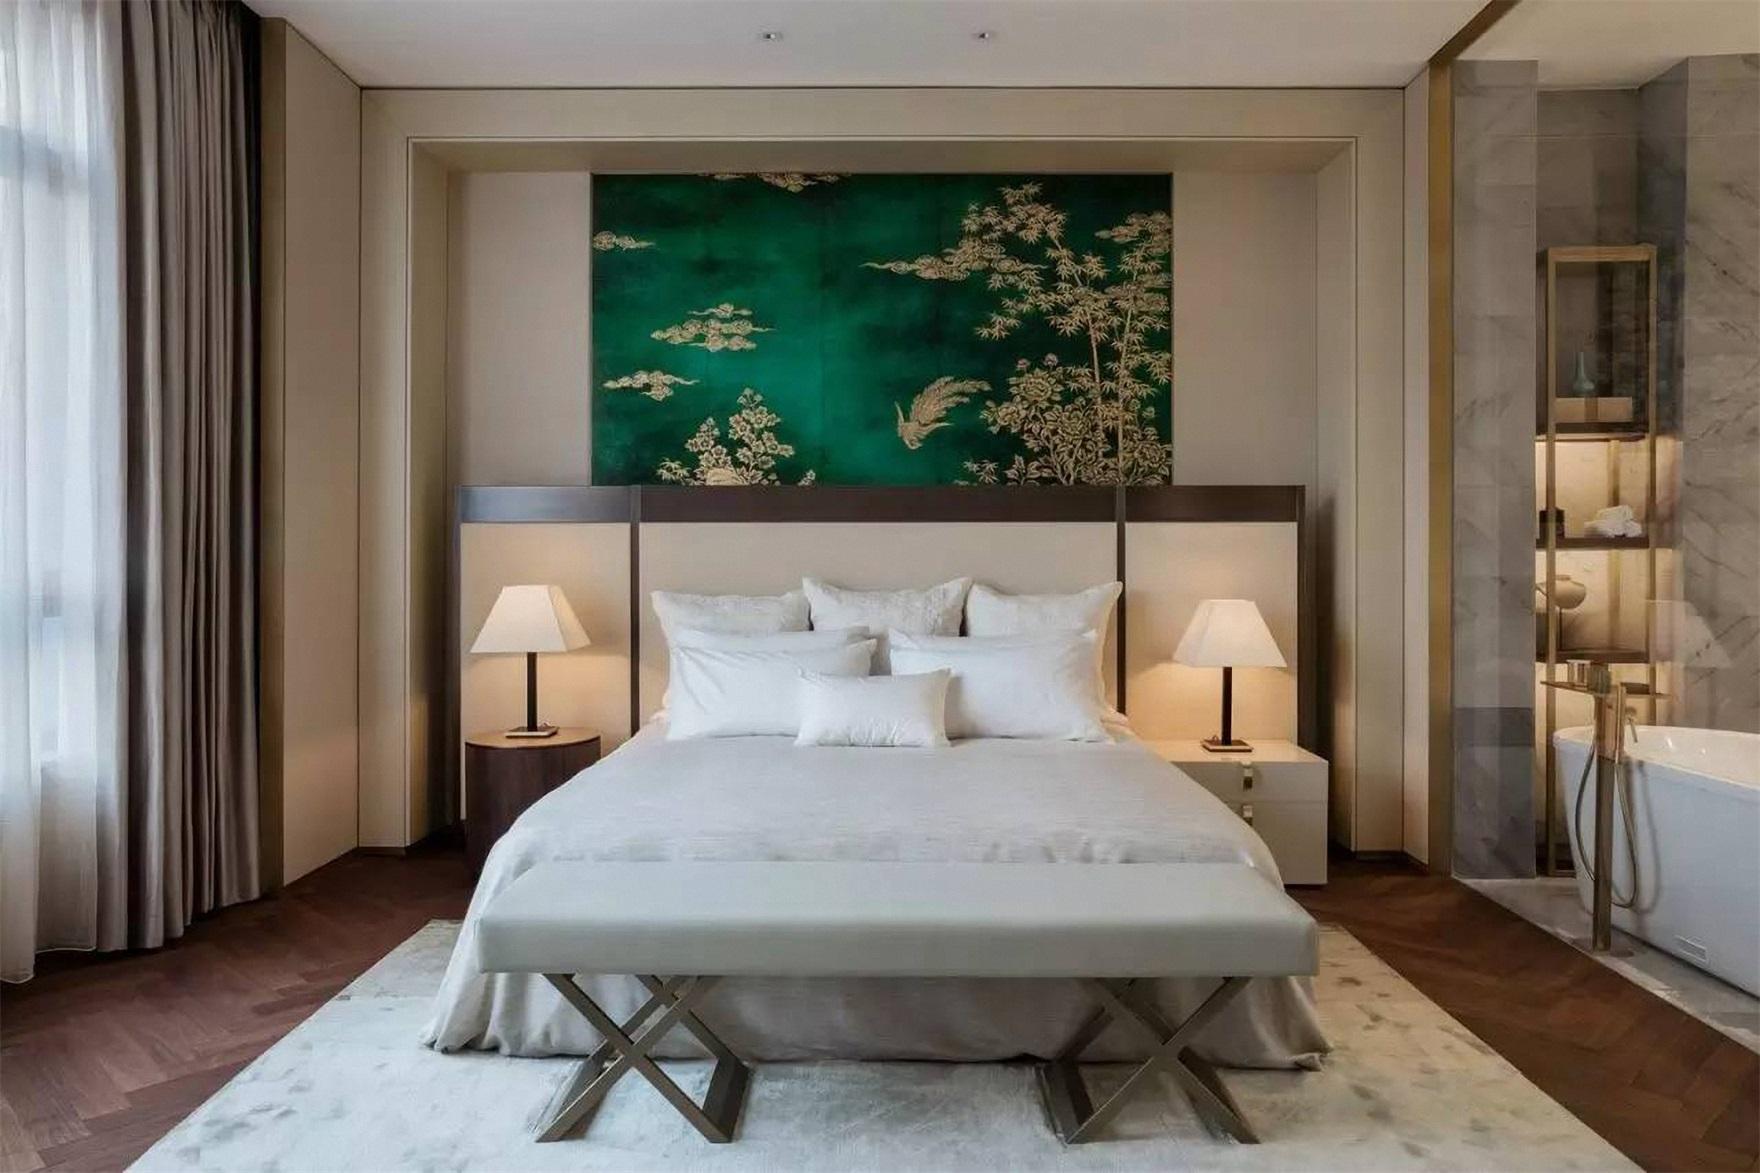 卧室背景墙设计使空间更为雅致,低饱和高级米色系艺术配色,质感自然。